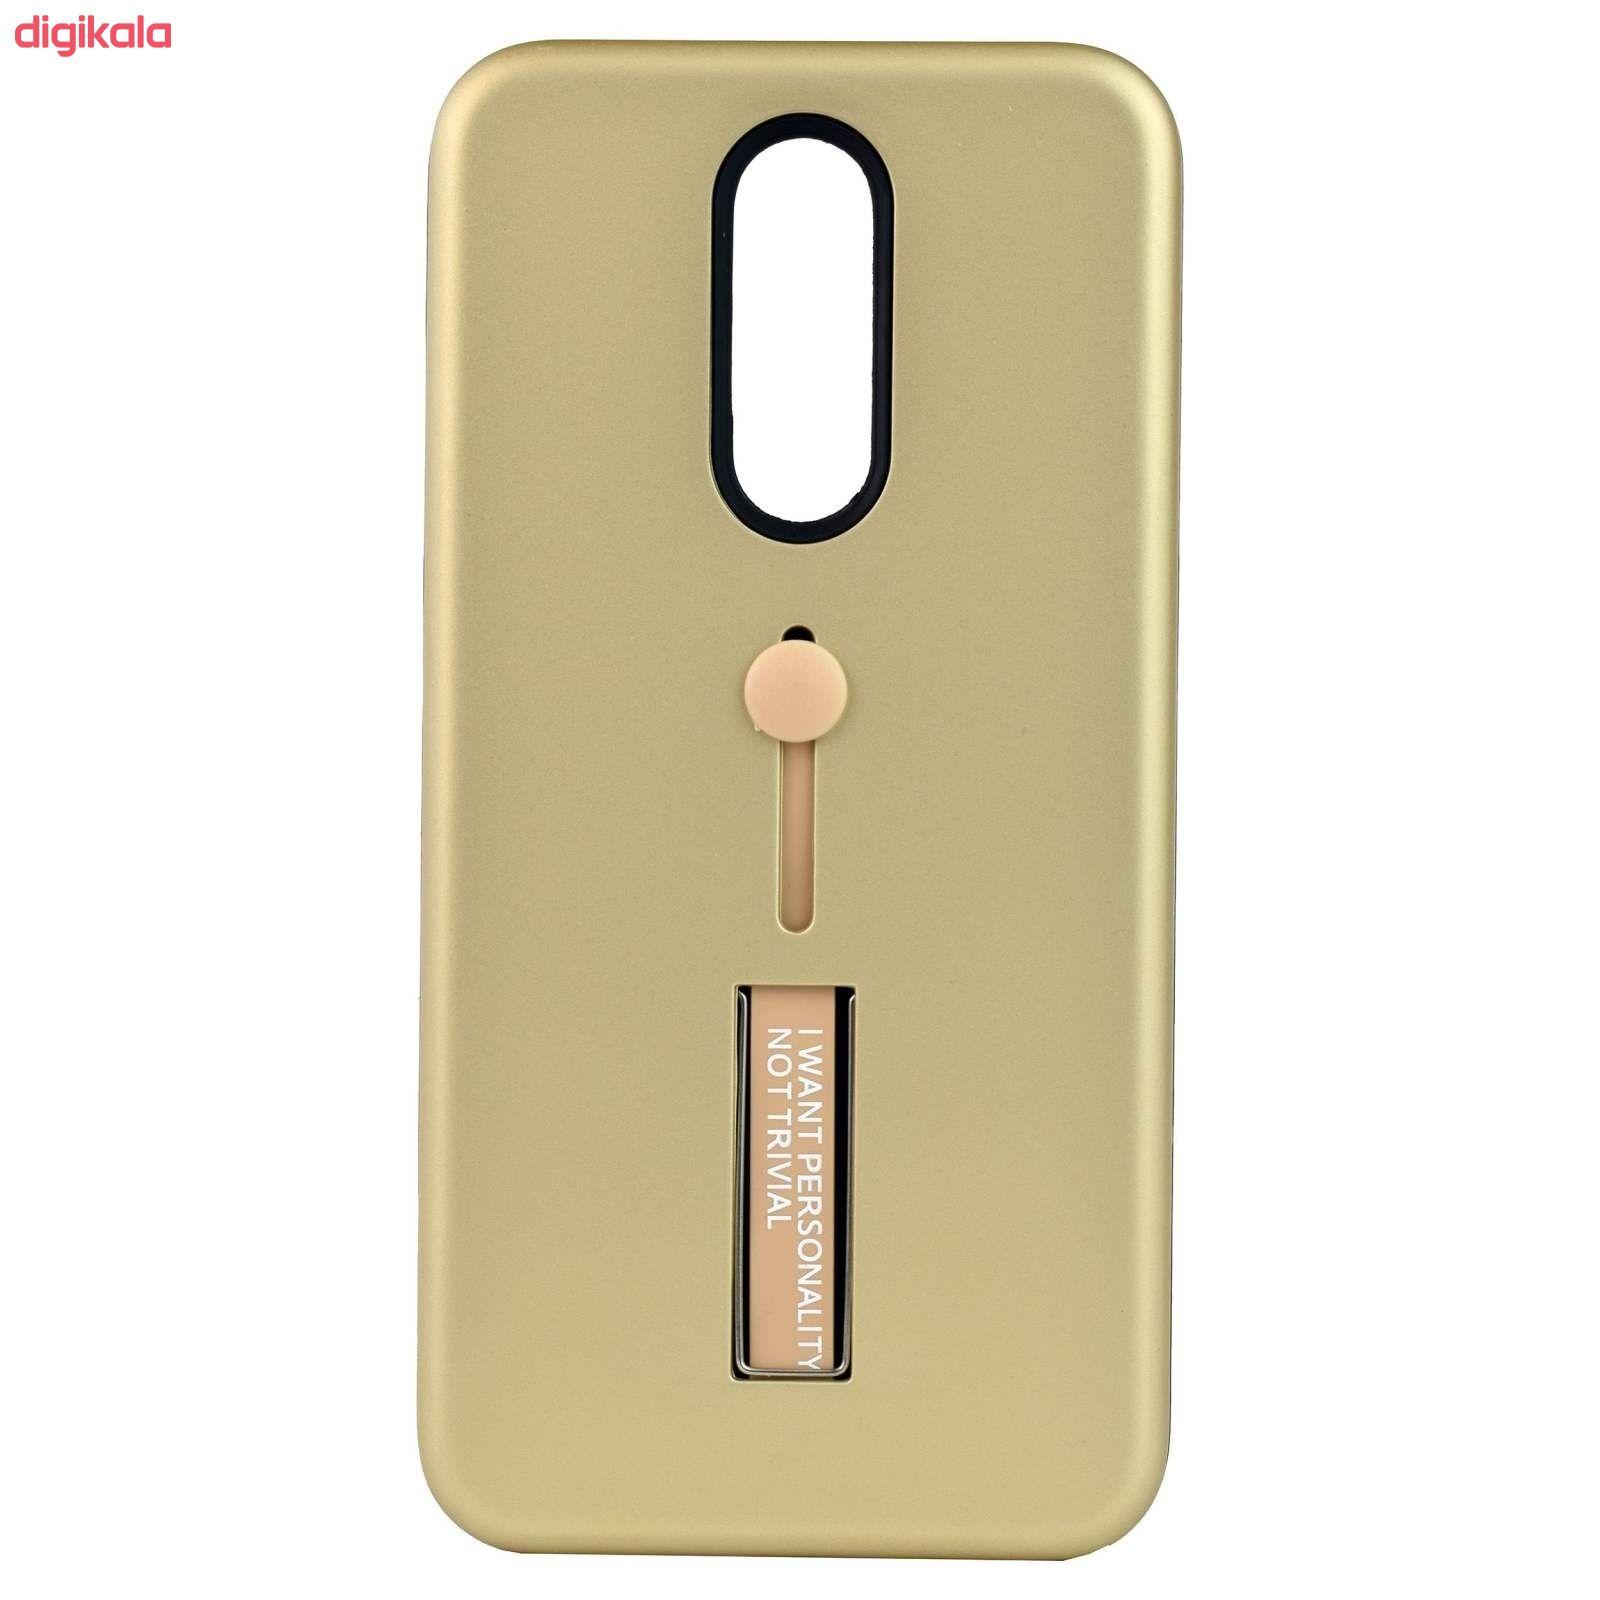 کاور مدل F20 مناسب برای گوشی موبایل شیائومی Redmi 8 main 1 8